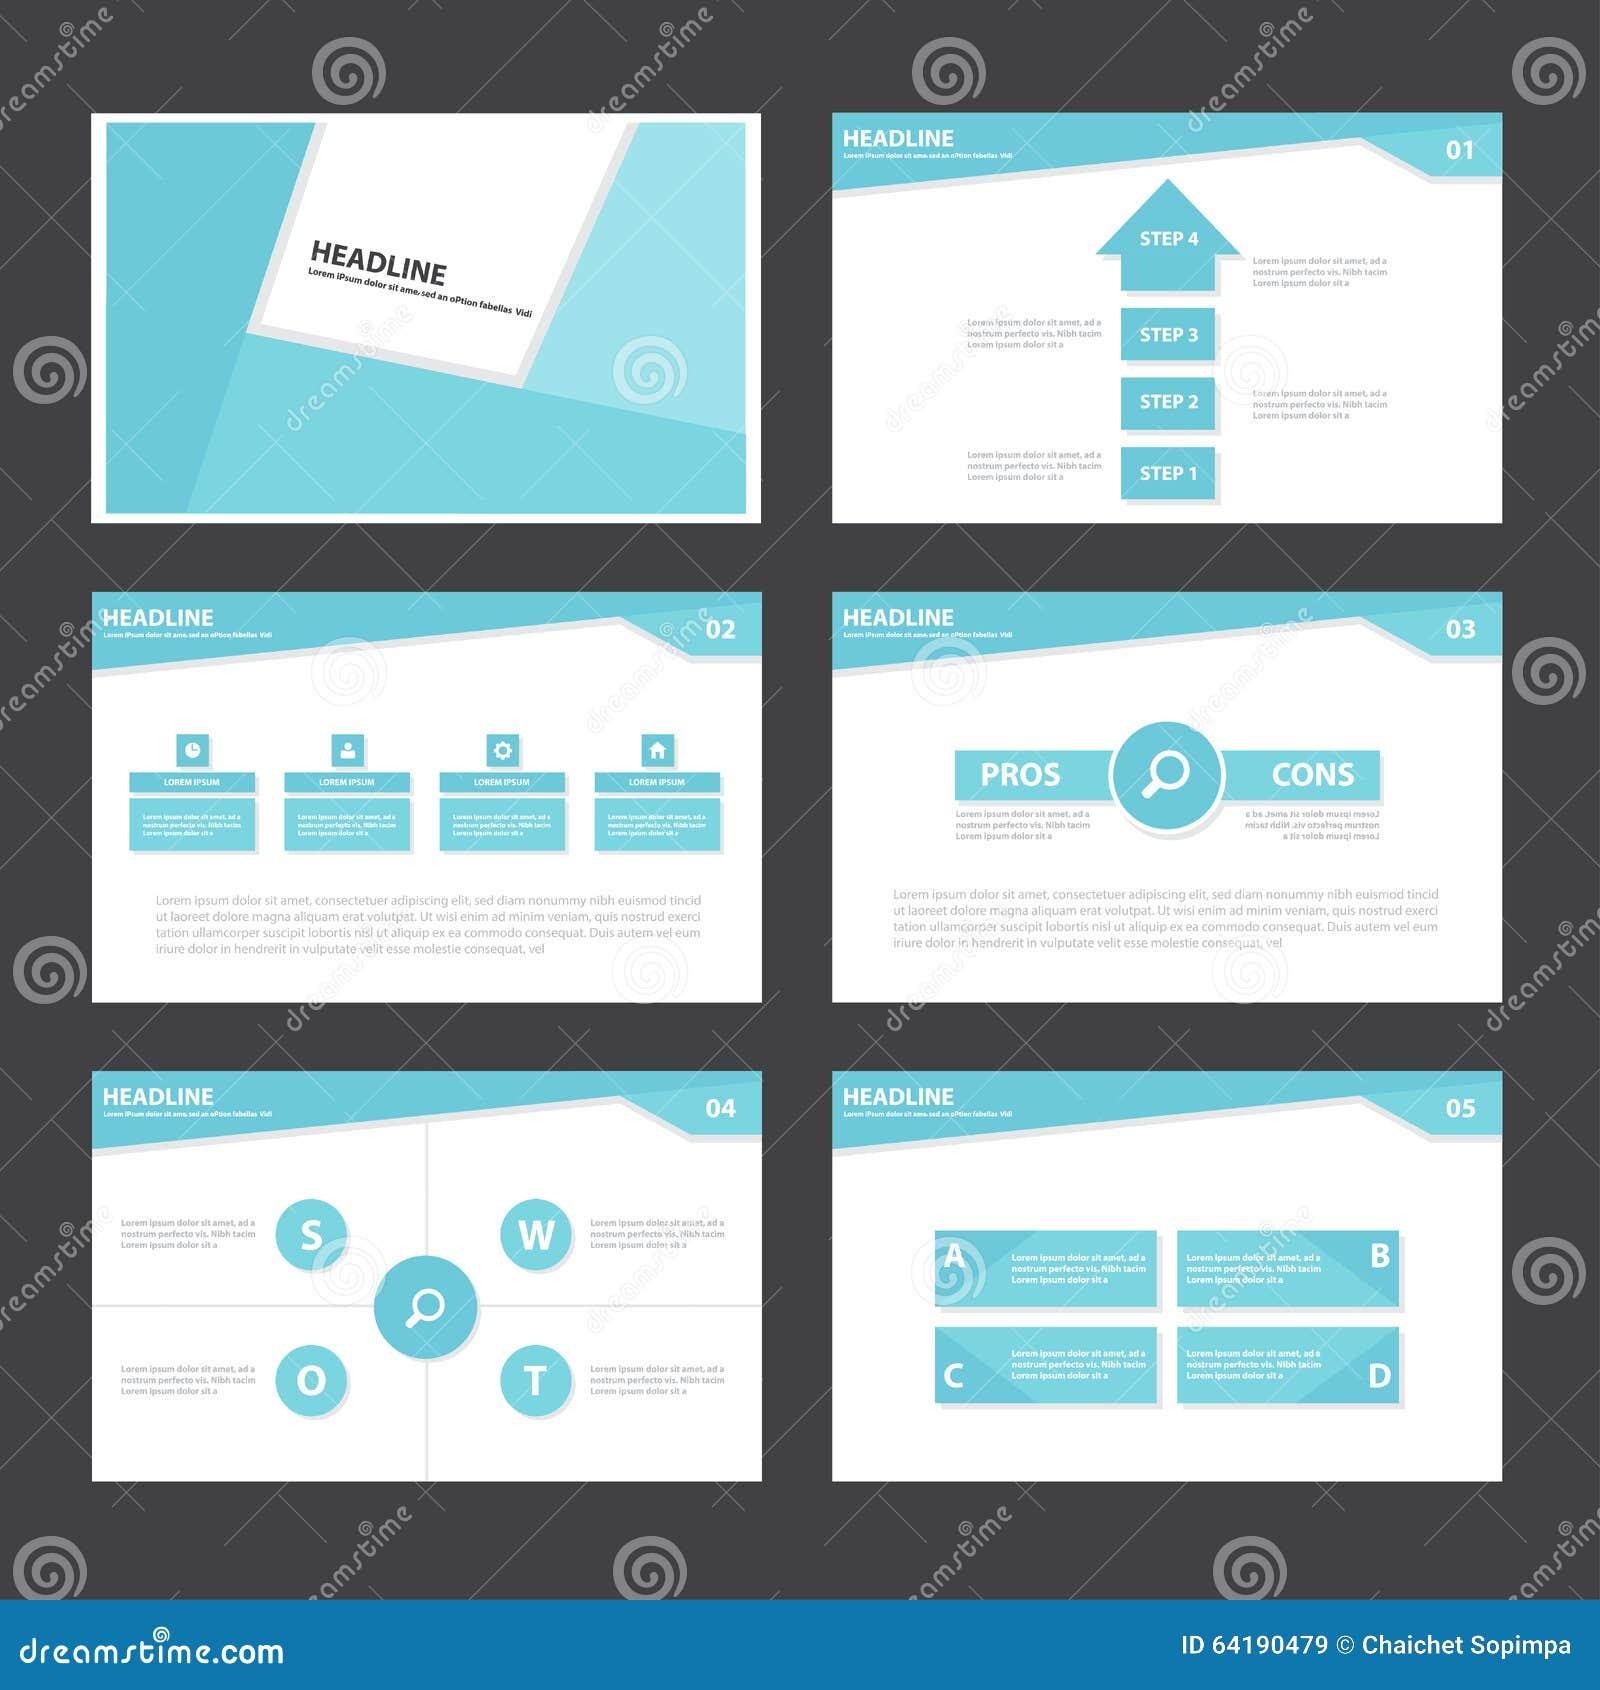 蓝色抽象介绍模板Infographic元素平的设计为小册子飞行物传单行销设置了